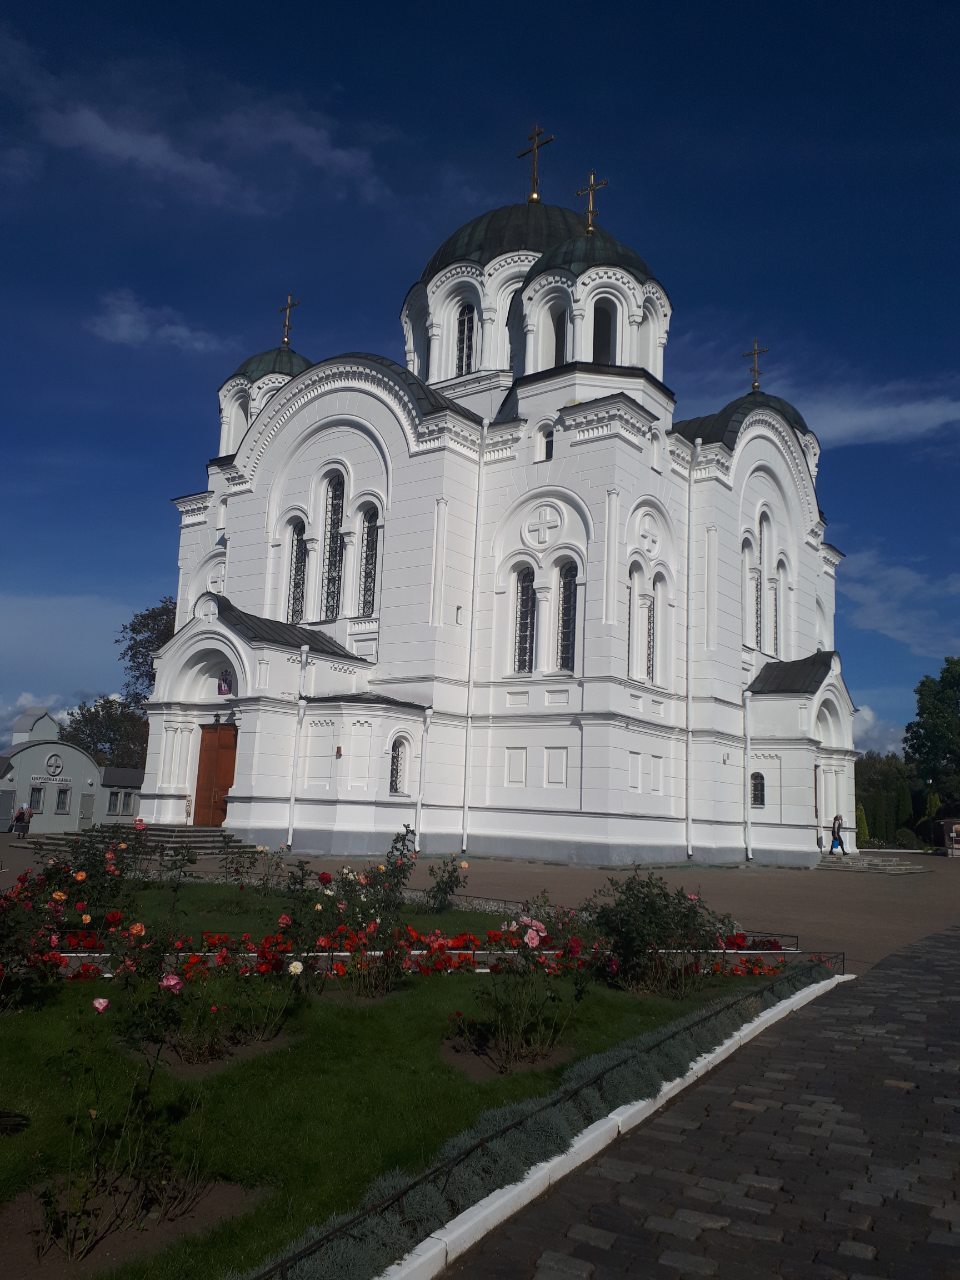 image 0 02 04 b8d9baa6fcba57831f1301bea779c37ab045760a7bdd1f5ef26a69dceb8d3353 V - Спасо-Евфросиниевский монастырь в Полоцке